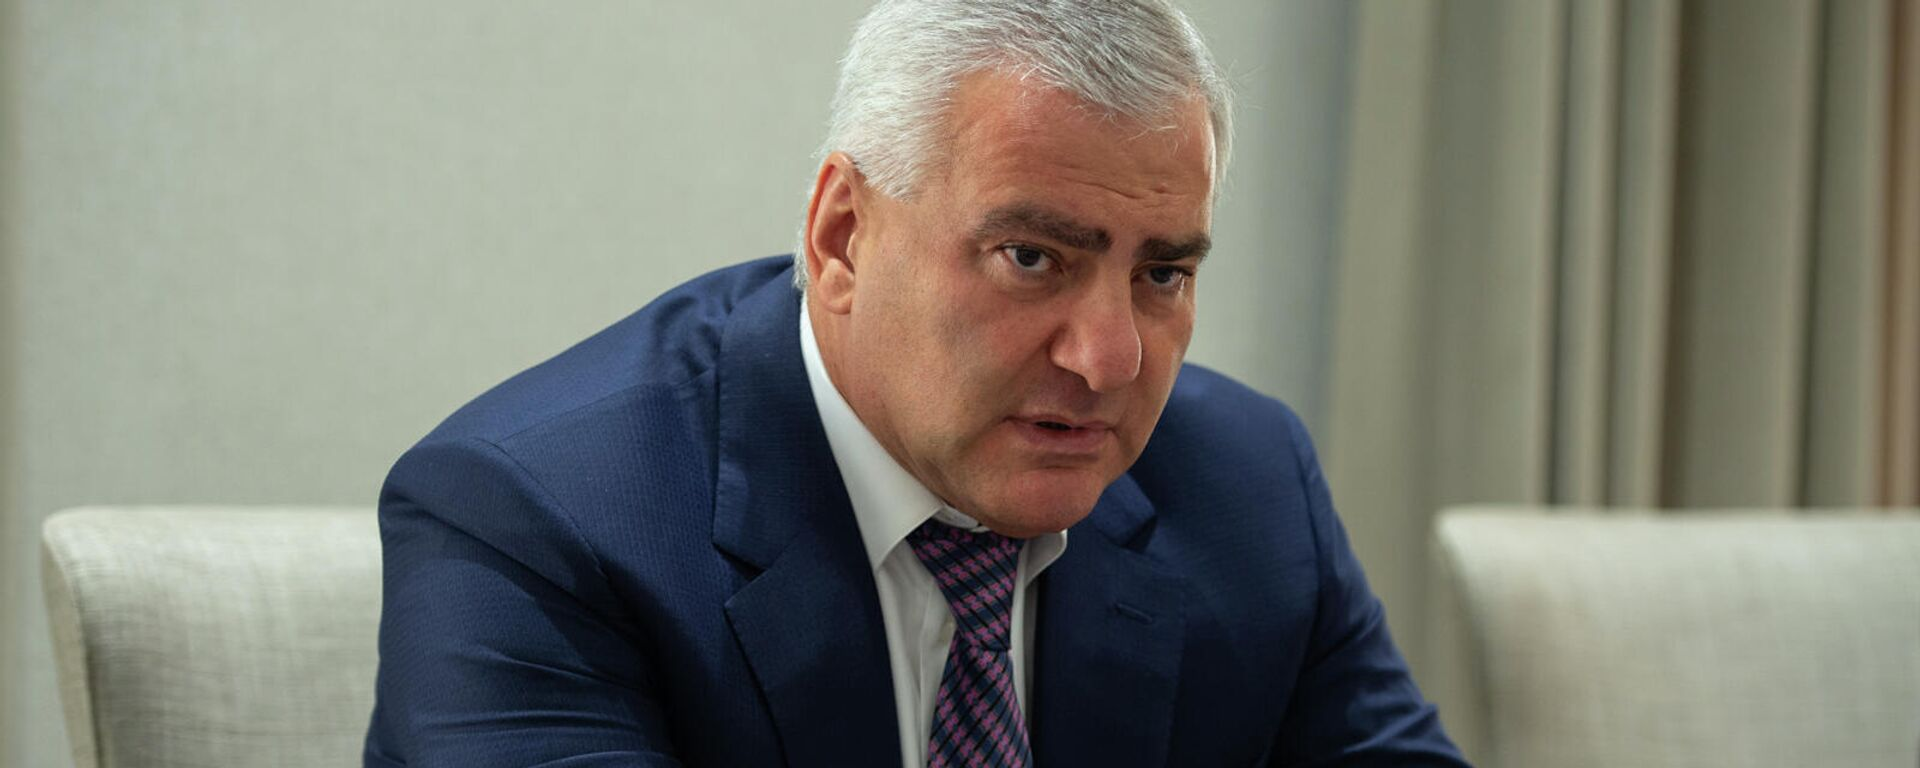 Президент Группы компаний Ташир, основатель Клуба инвесторов Армении Самвел Карапетян - Sputnik Армения, 1920, 20.09.2021